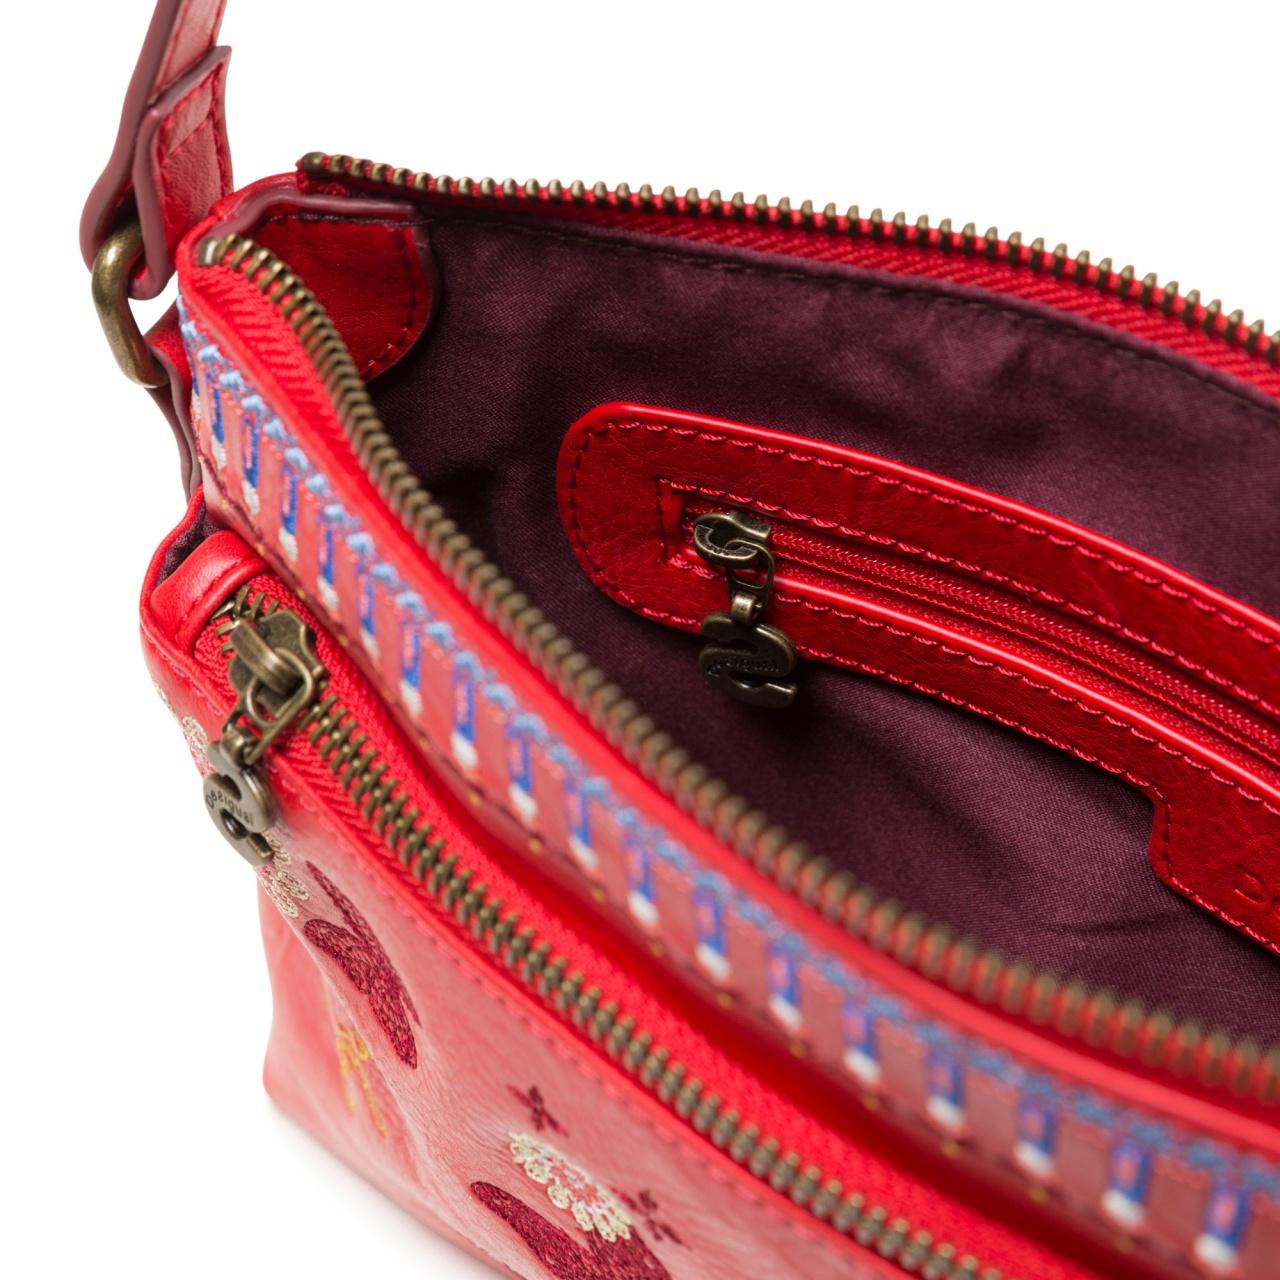 Geantă de damă Desigual Chandy Durban roșu